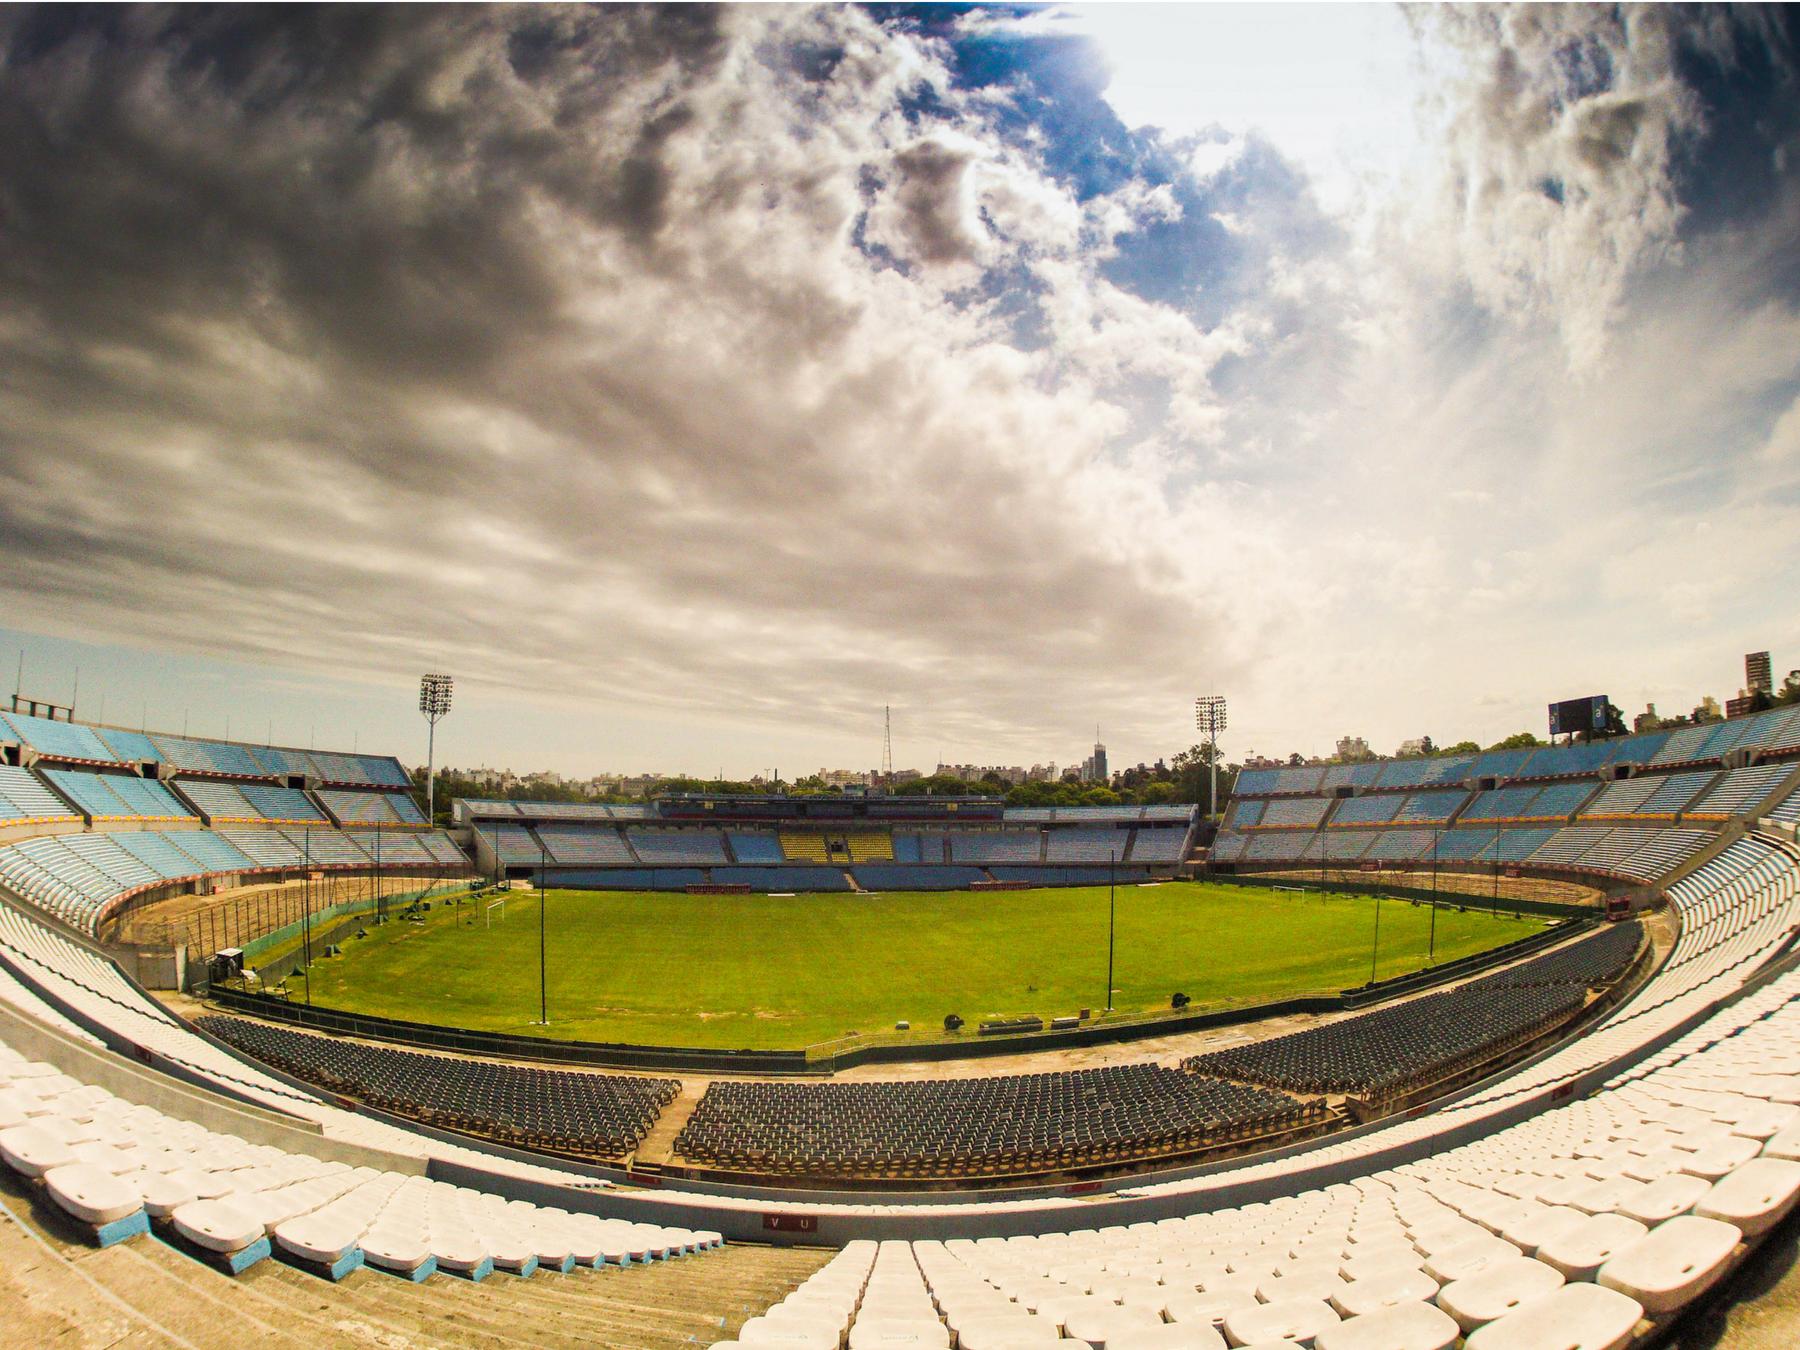 estádios-mais-legais-do-mundo-Calendário-da-copa-uruguai-1930 Os 20 estádios mais legais do mundo Calendário Copa 2018